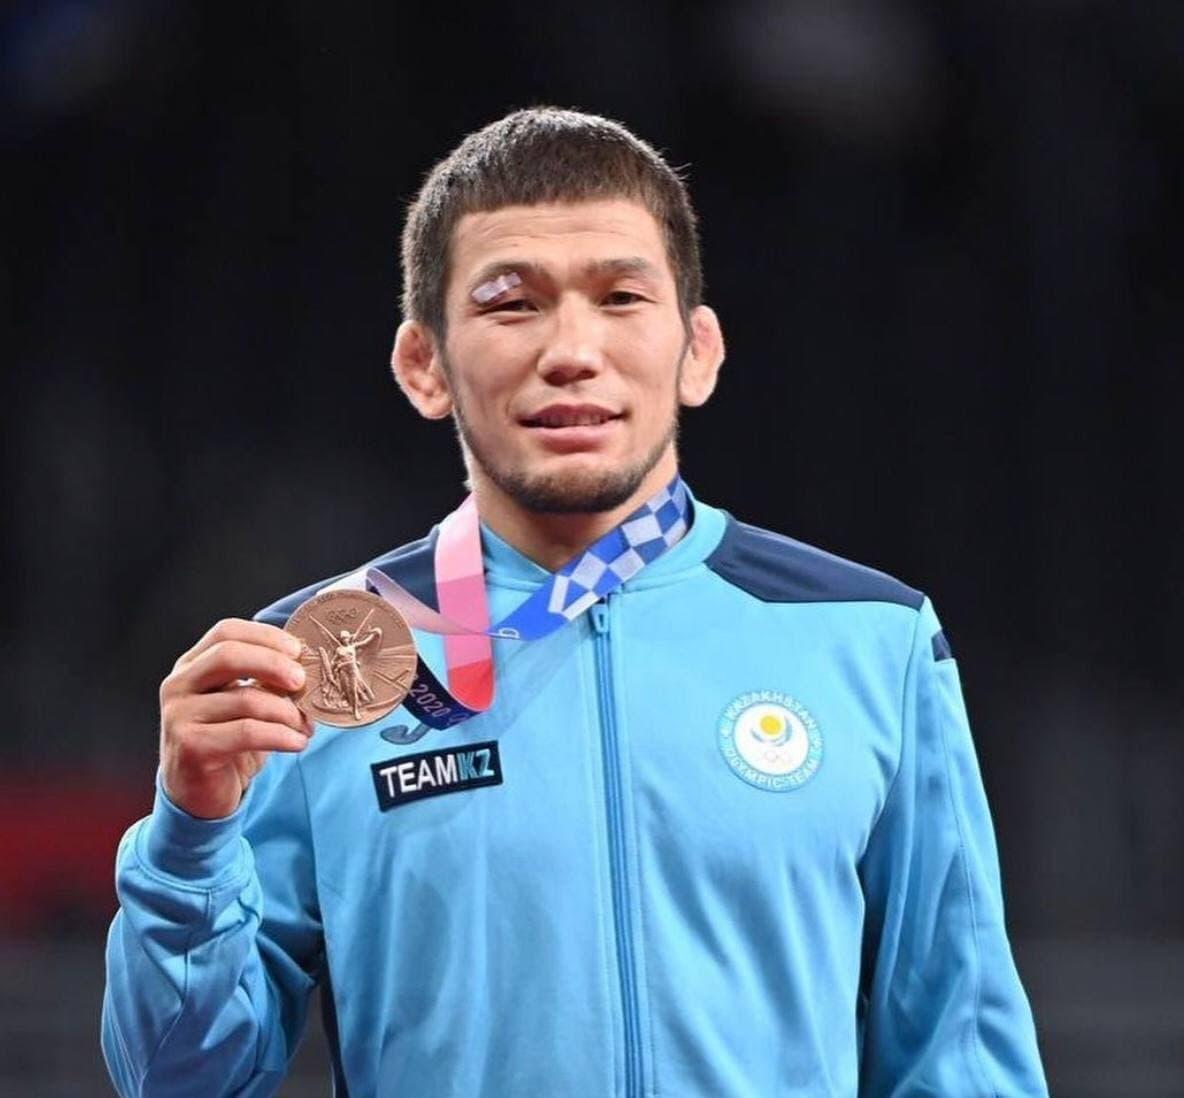 Борец Нурислам Санаев отдаст свои призовые за бронзу Олимпиады нуждающимся